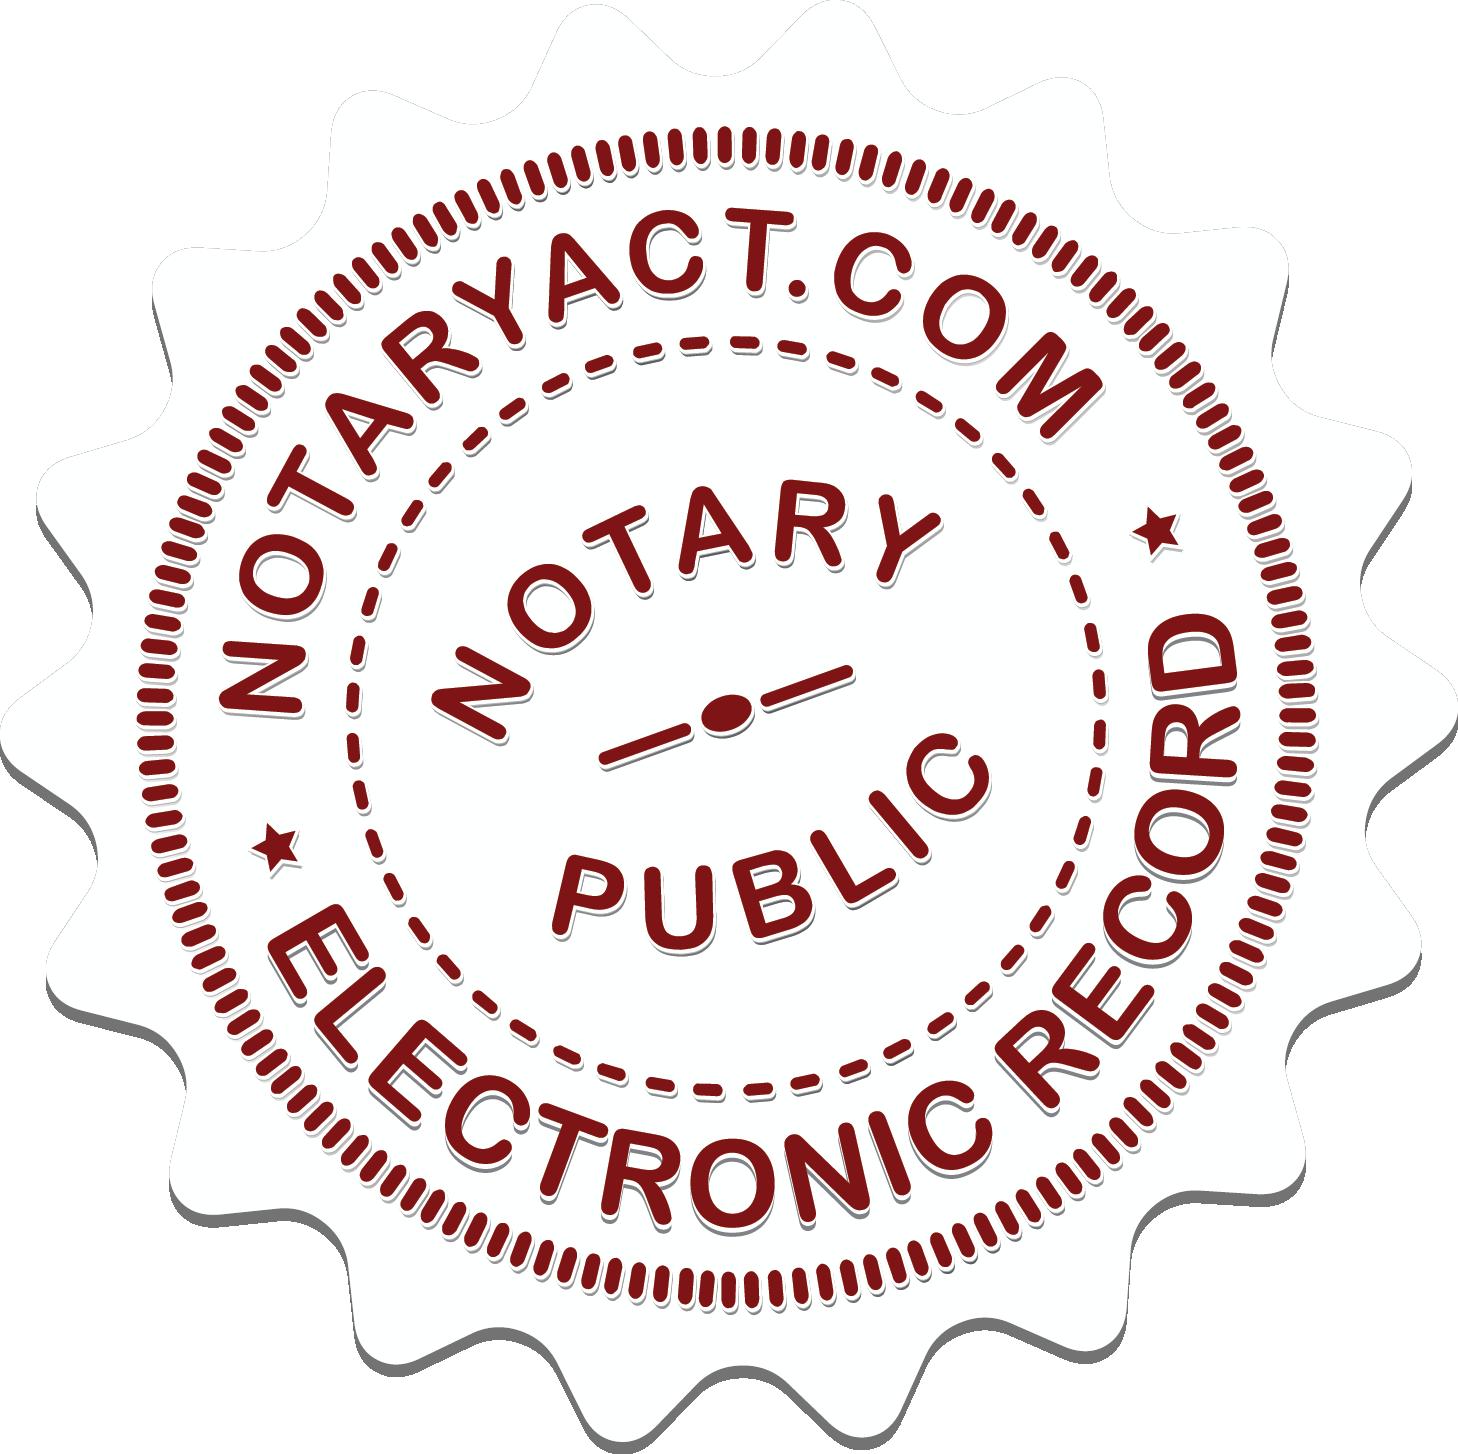 Notaryact logo